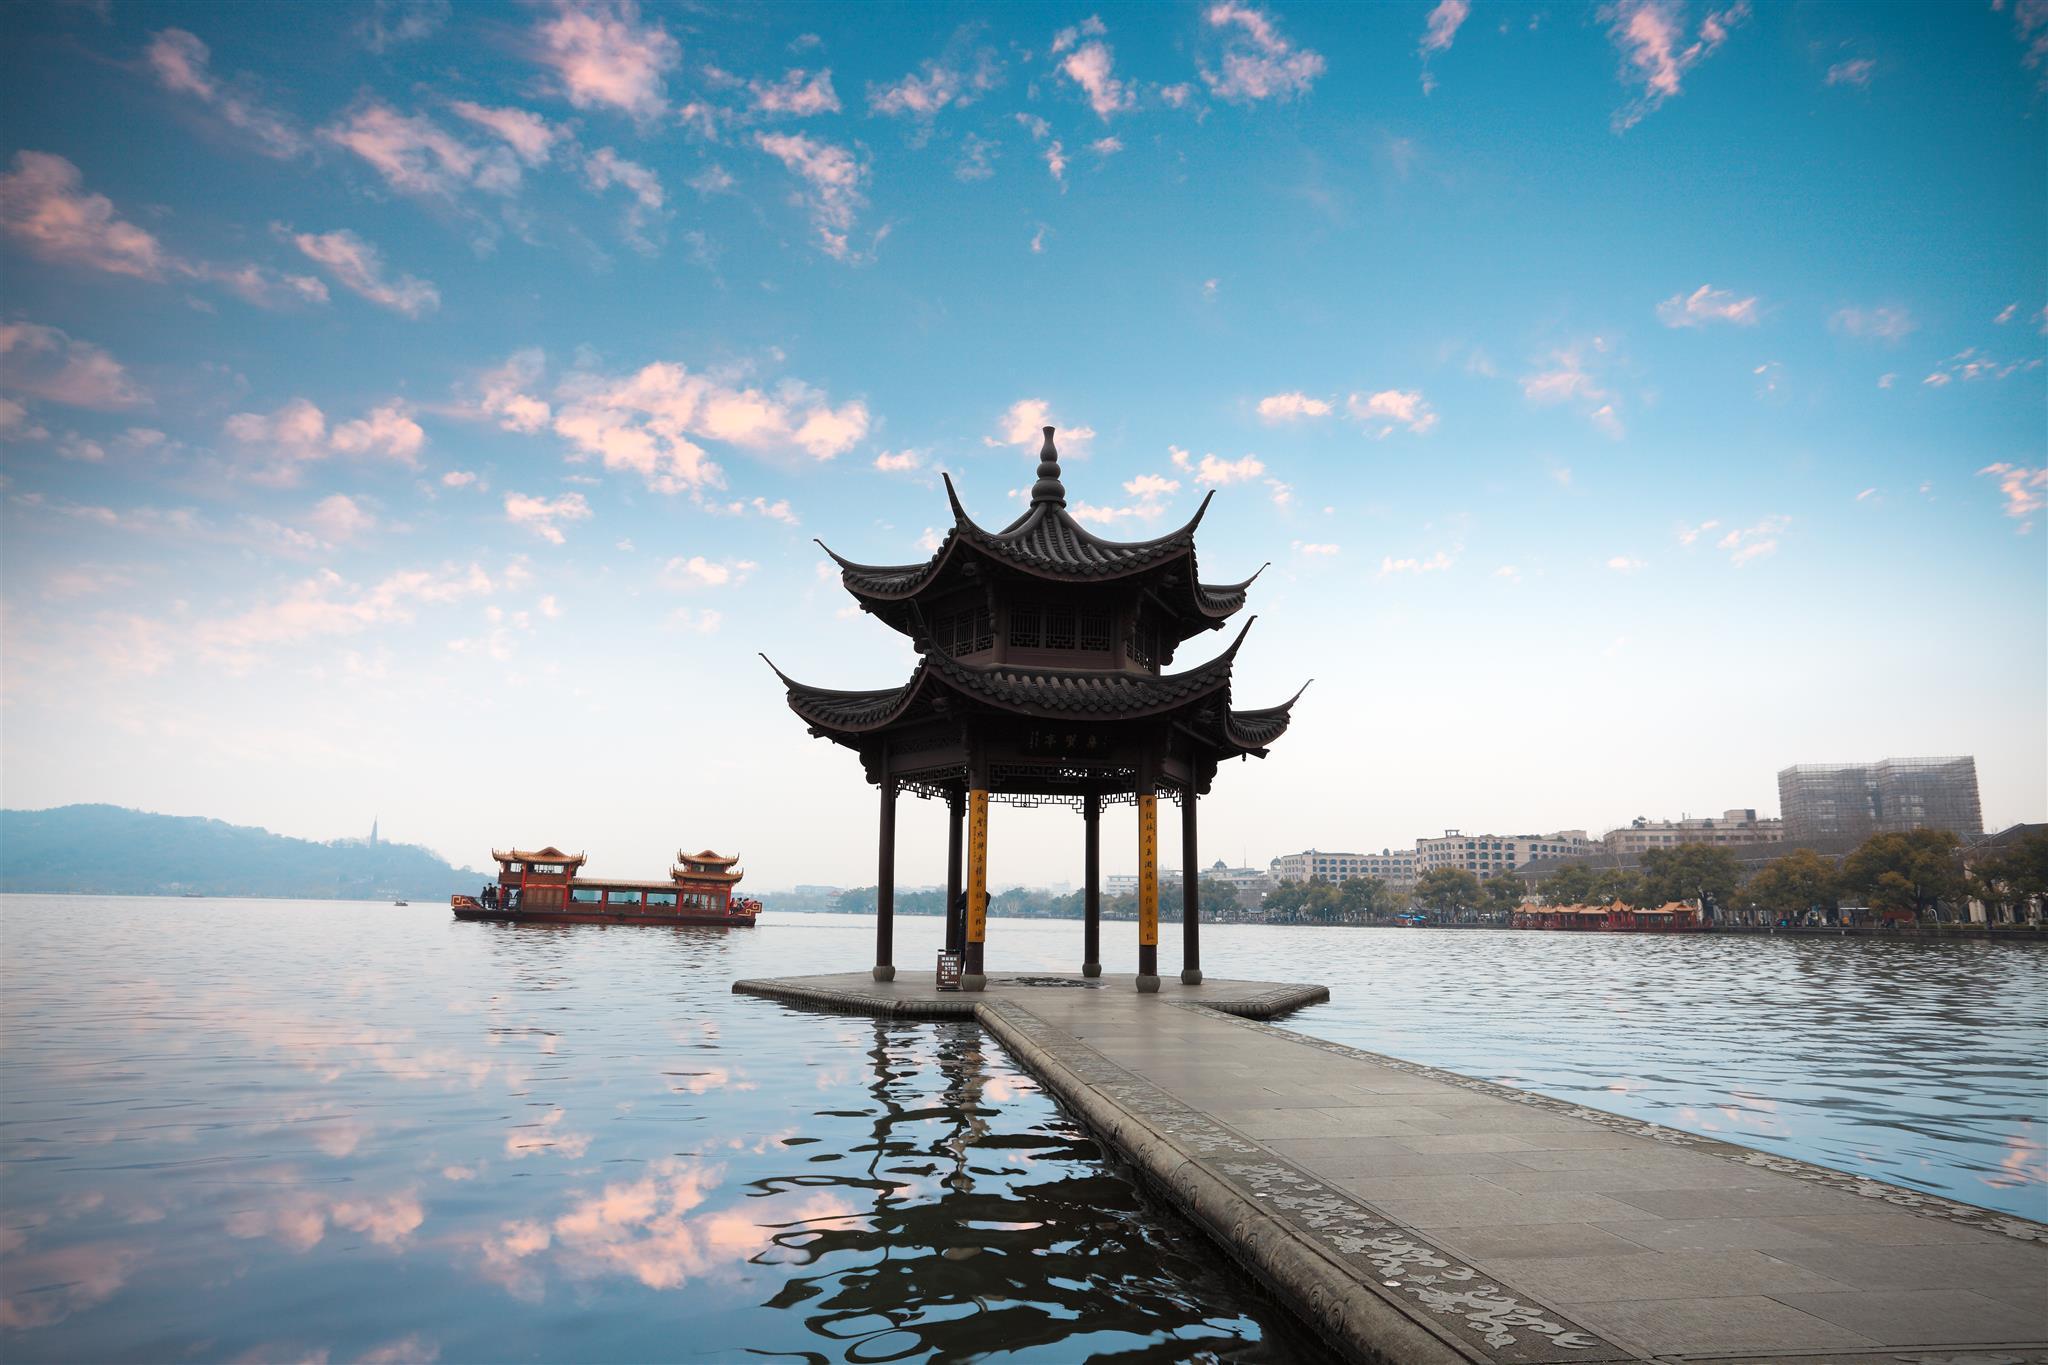 Grand Mercure Hangzhou Qiantang, Hangzhou